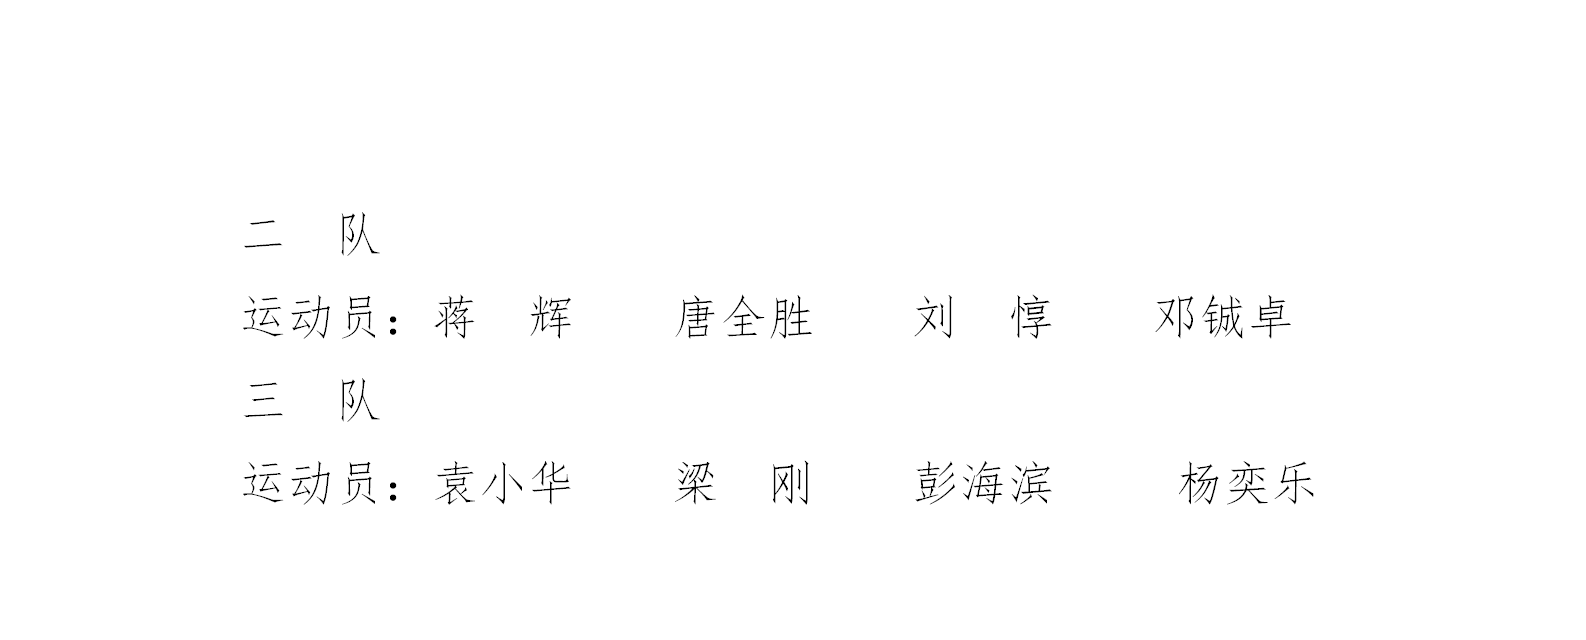 参赛代表队名单_03.png